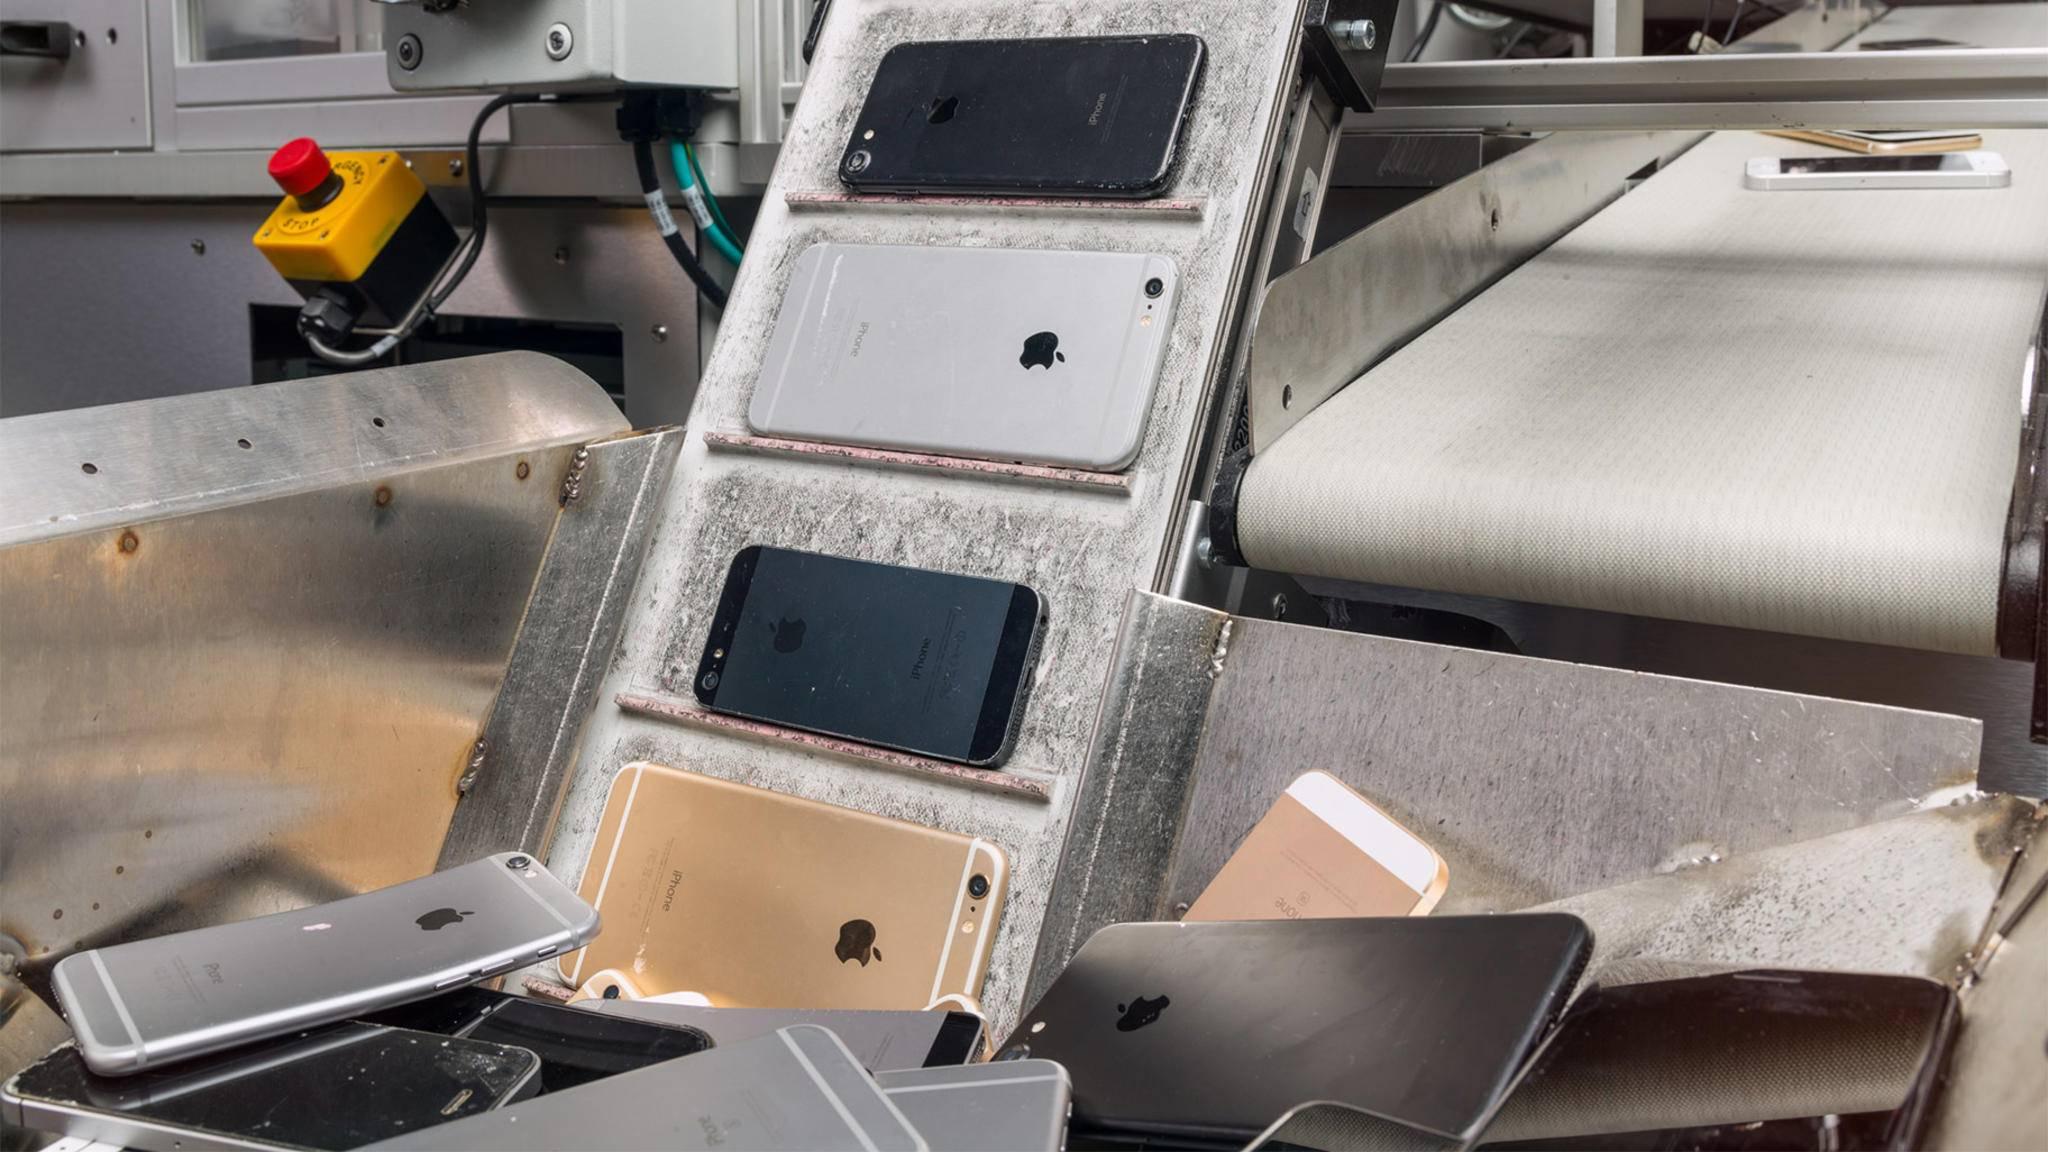 Seit 2017 lässt Apple mithilfe eines Roboters iPhones demontieren.